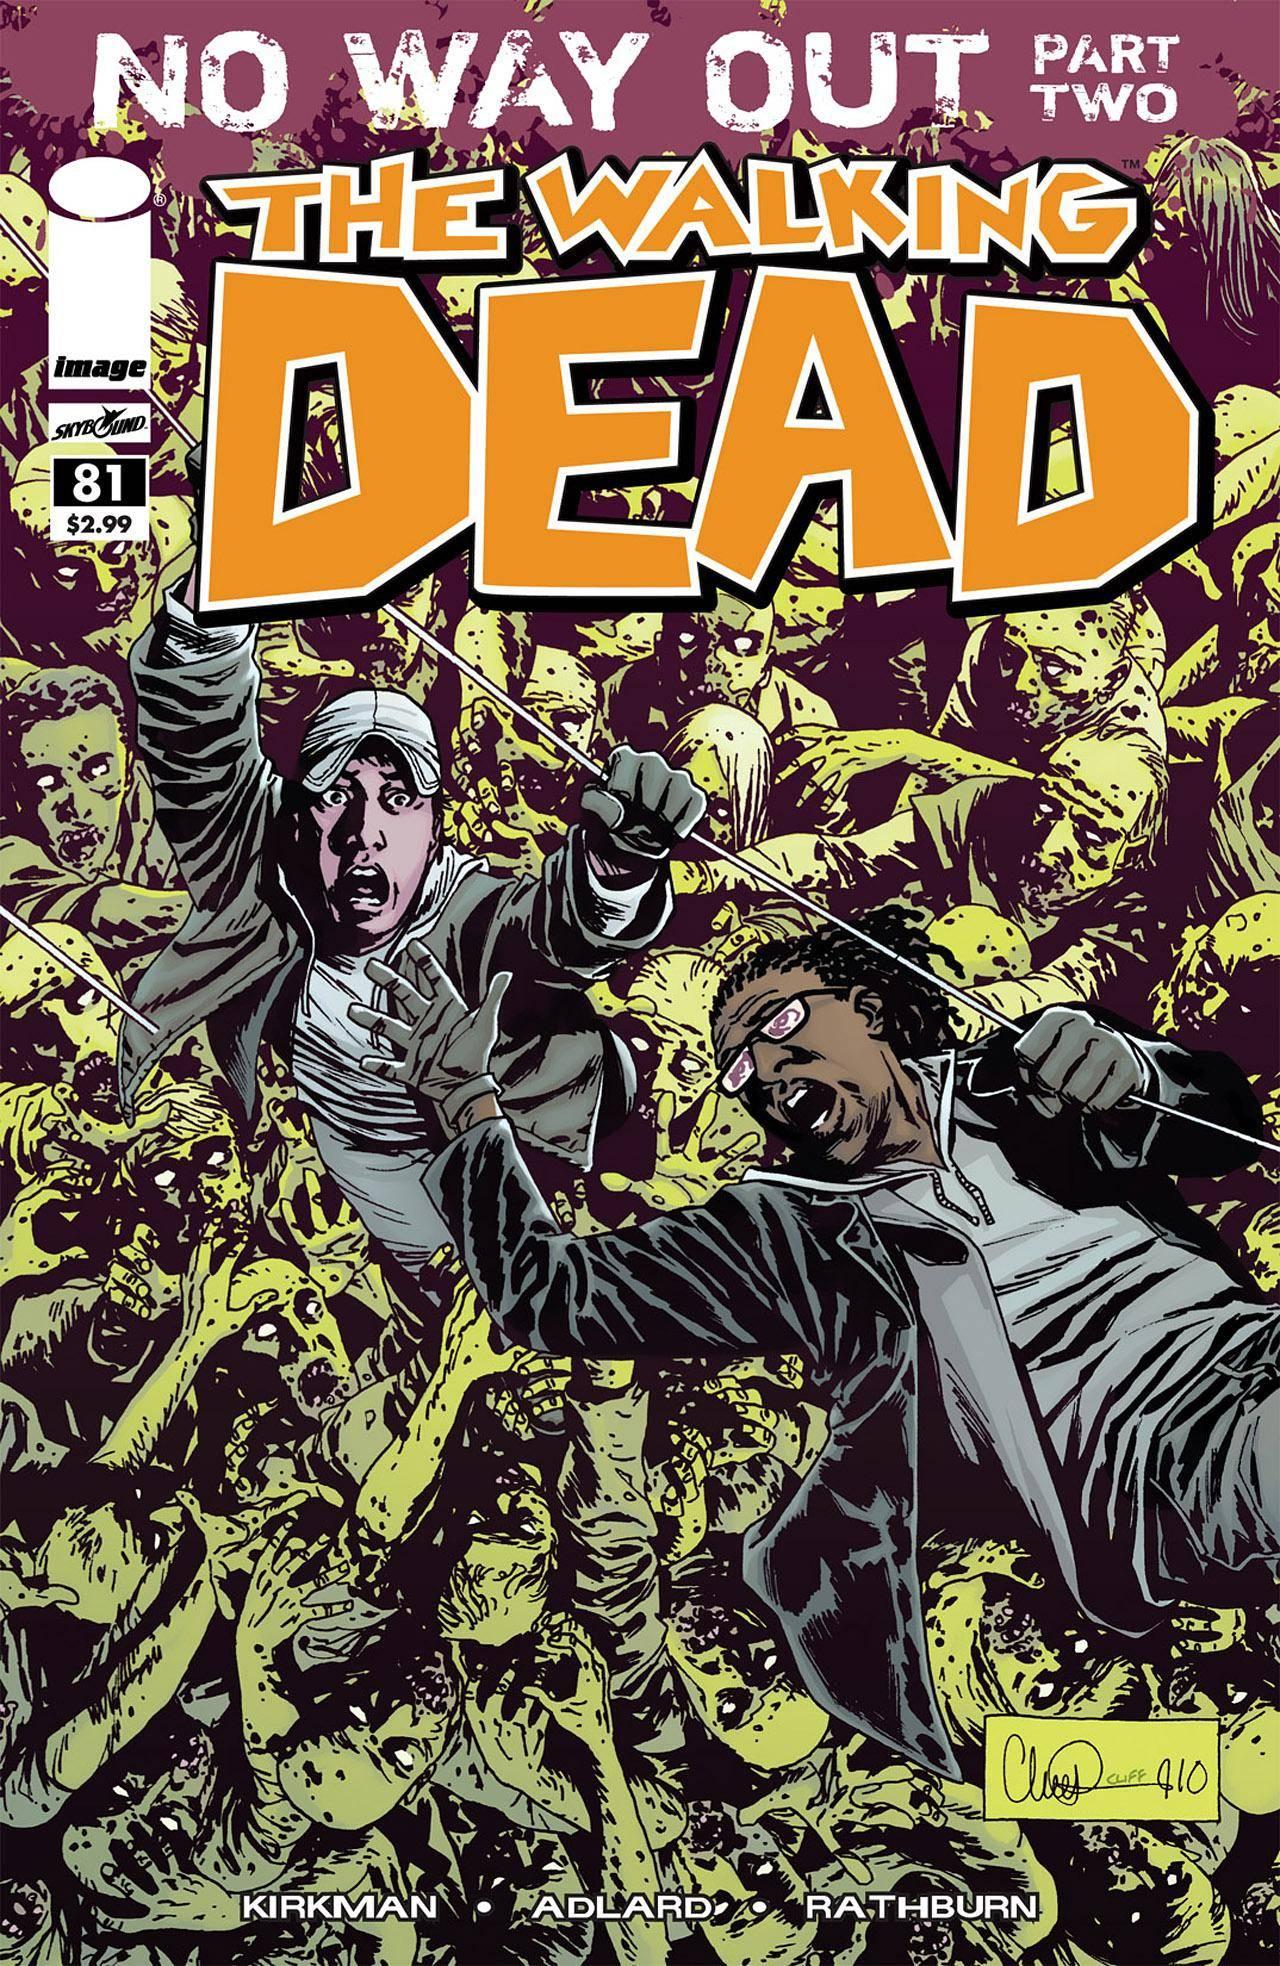 Walking Dead 081 2011 digital